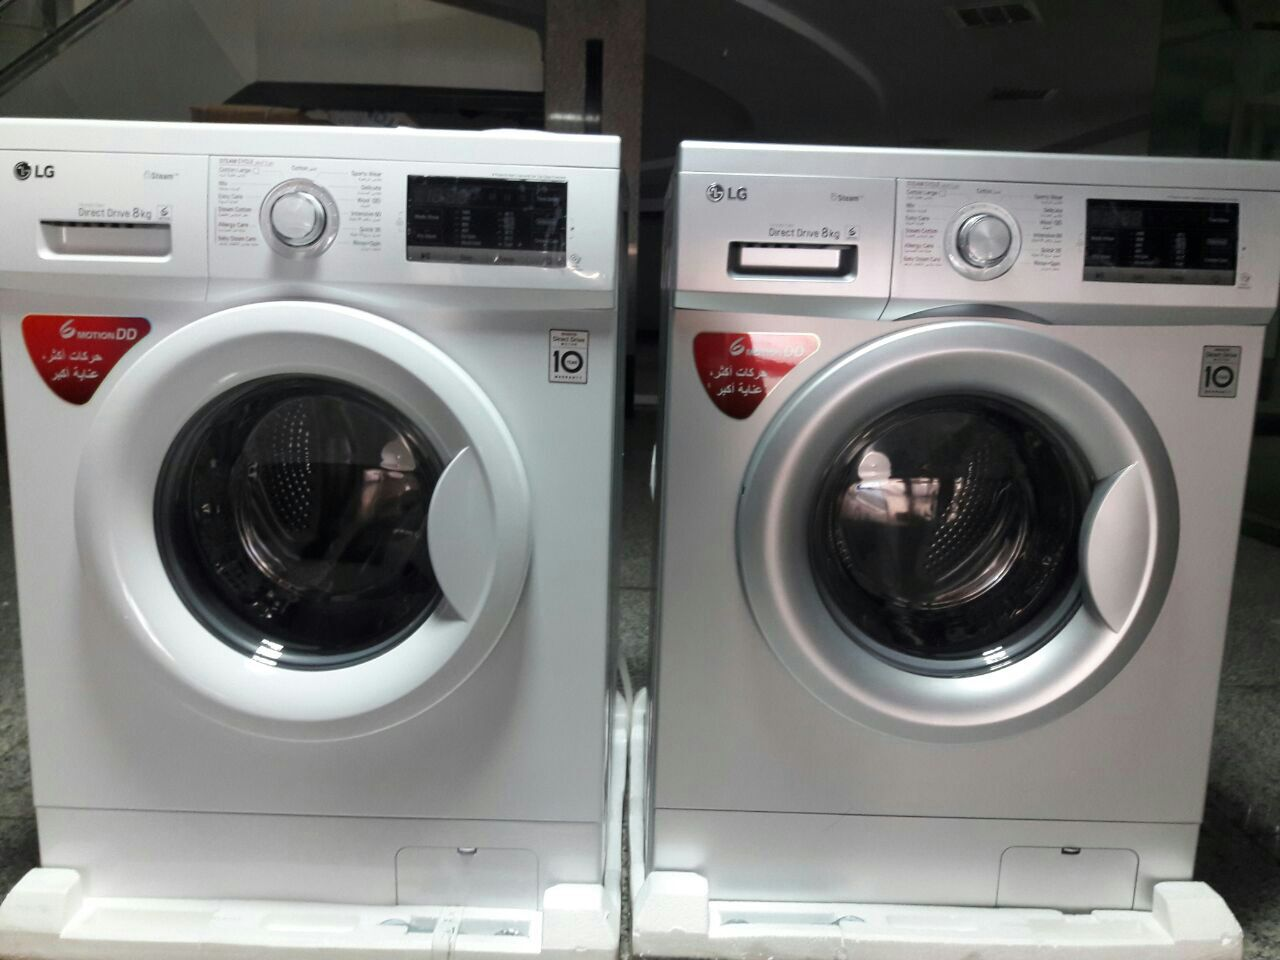 ماشین لباسشویی lg ال جی 4G7 ظرفیت ۸ کیلویی ۱۴۰۰ دور با بخارشو و برنامه متنوع شستشو